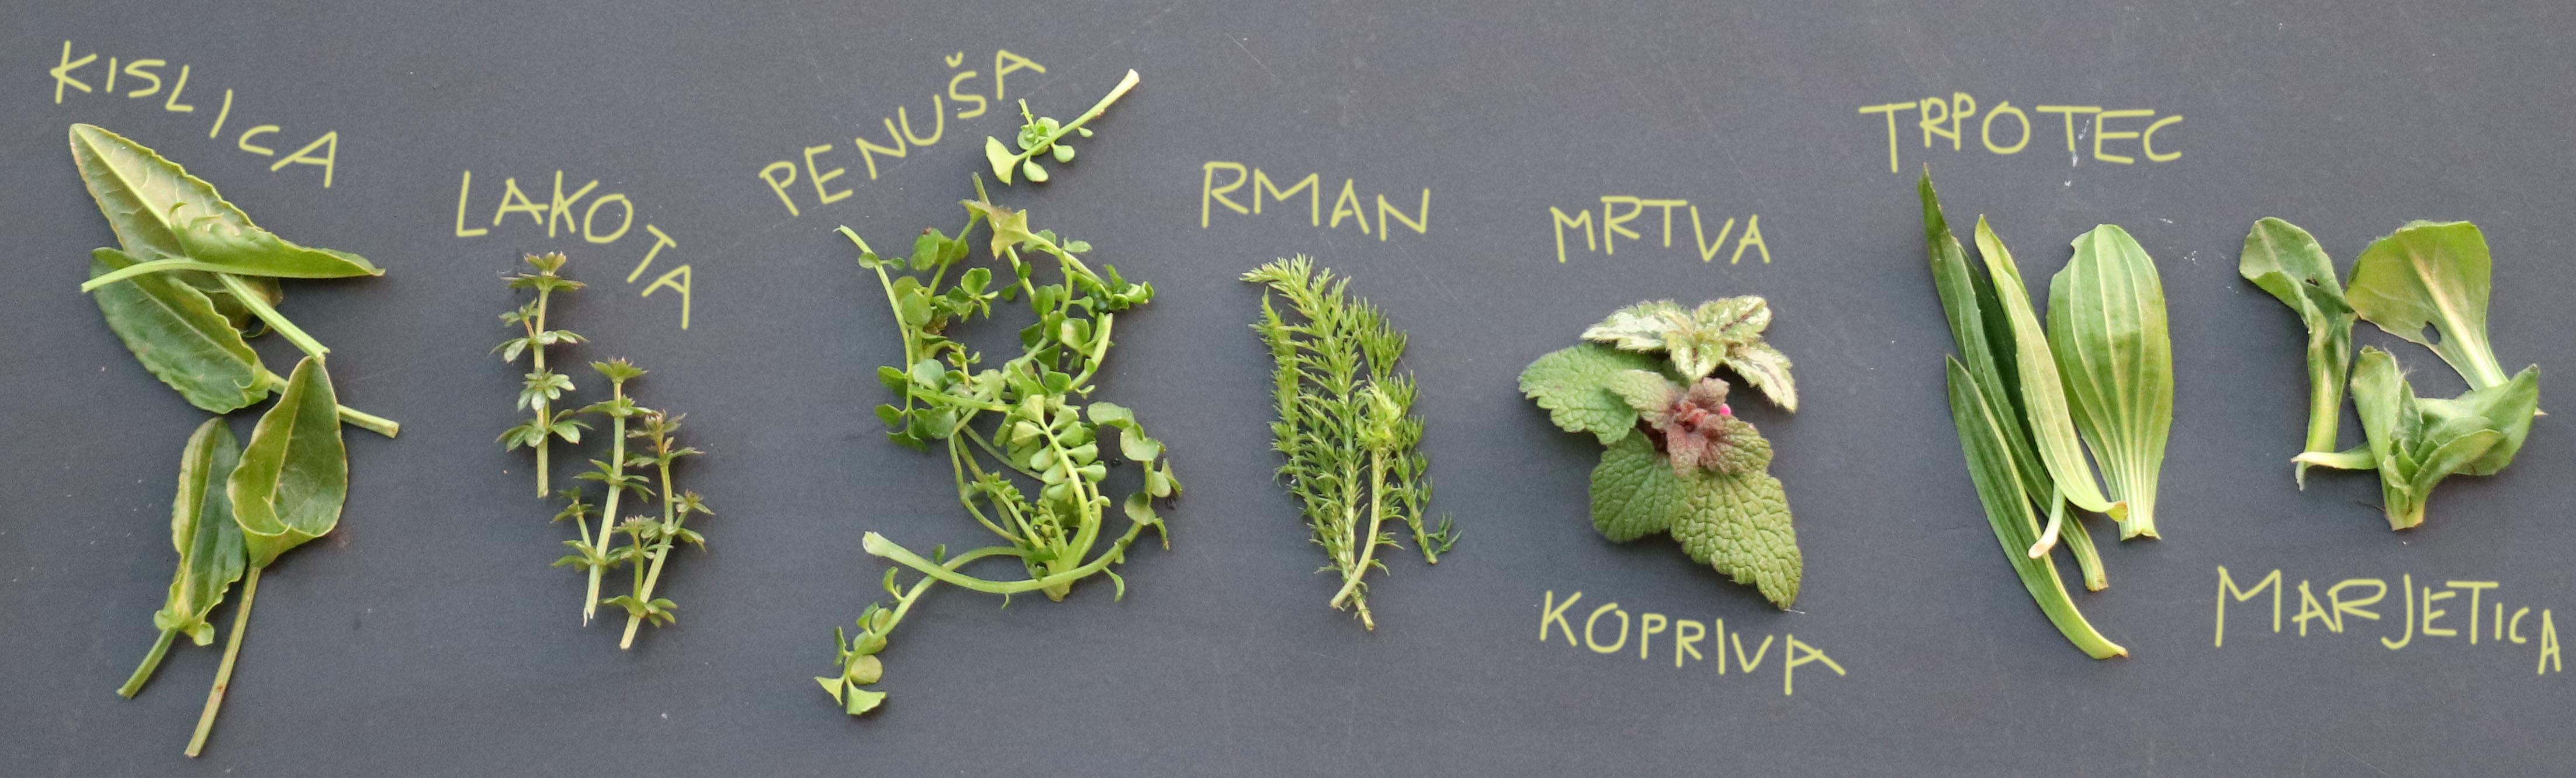 Divje rastline za solato